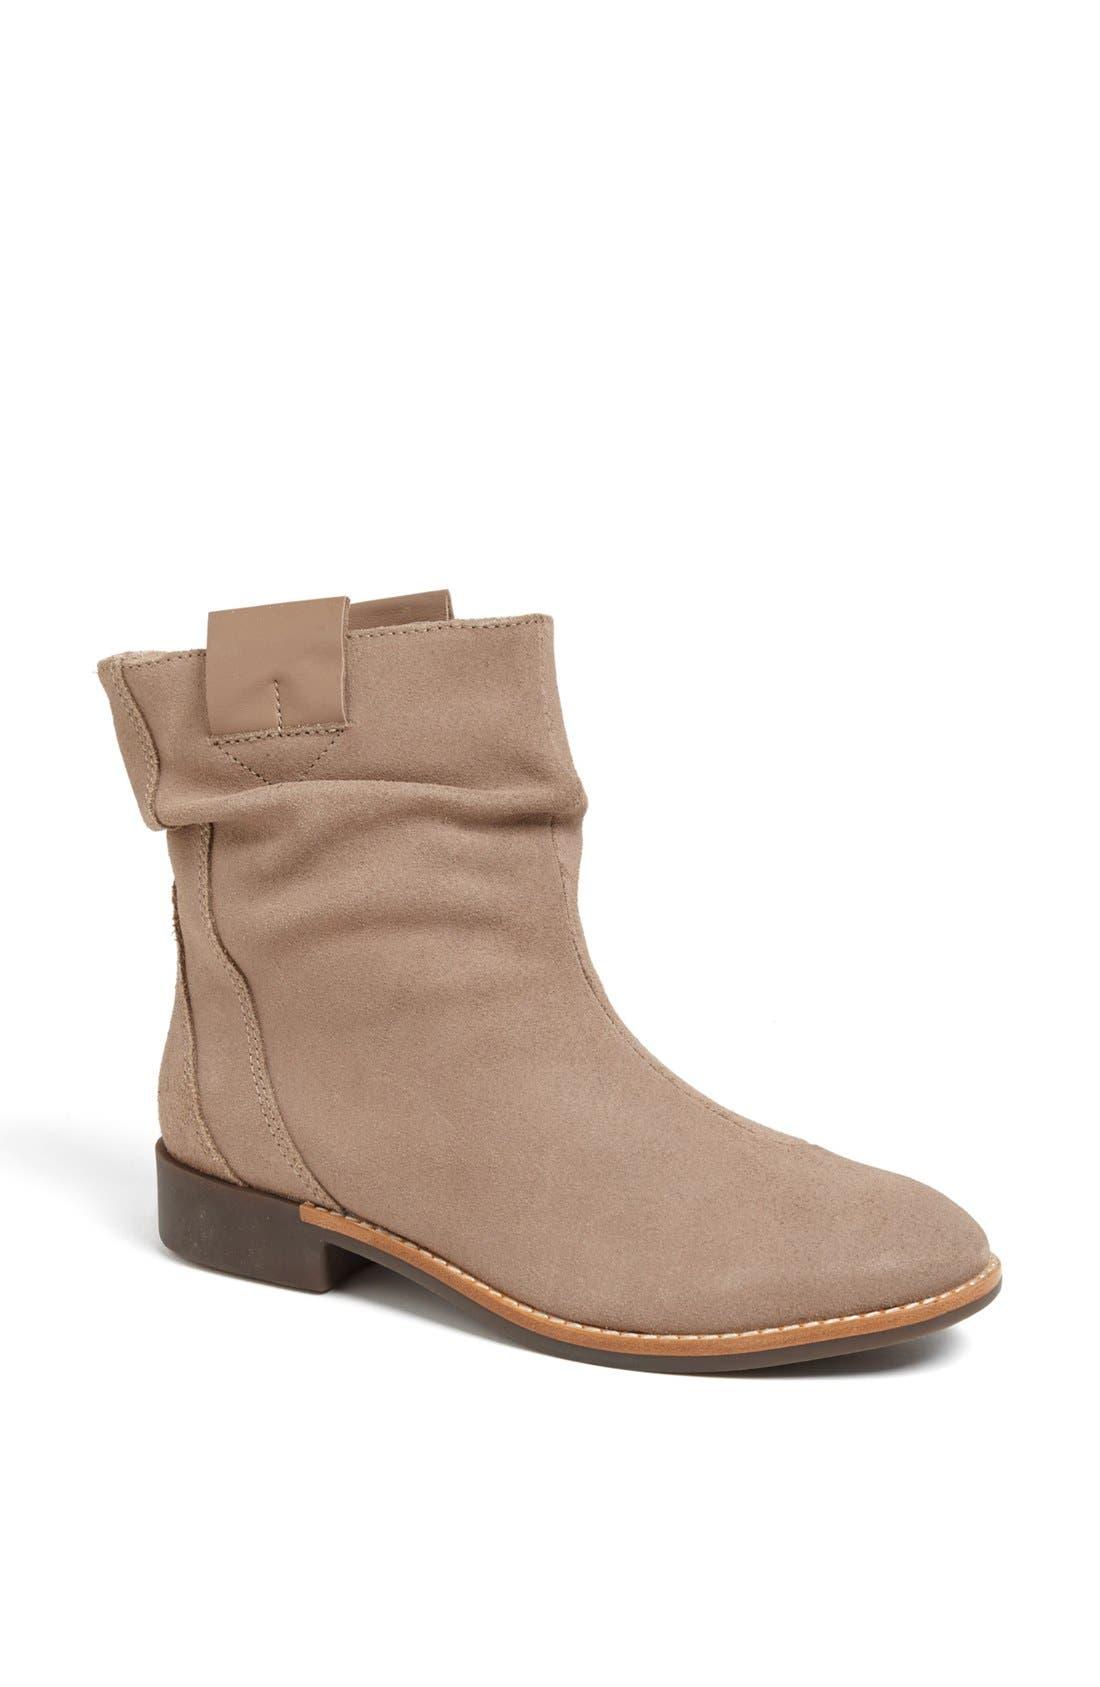 Main Image - Tsubo 'Leonie' Boot